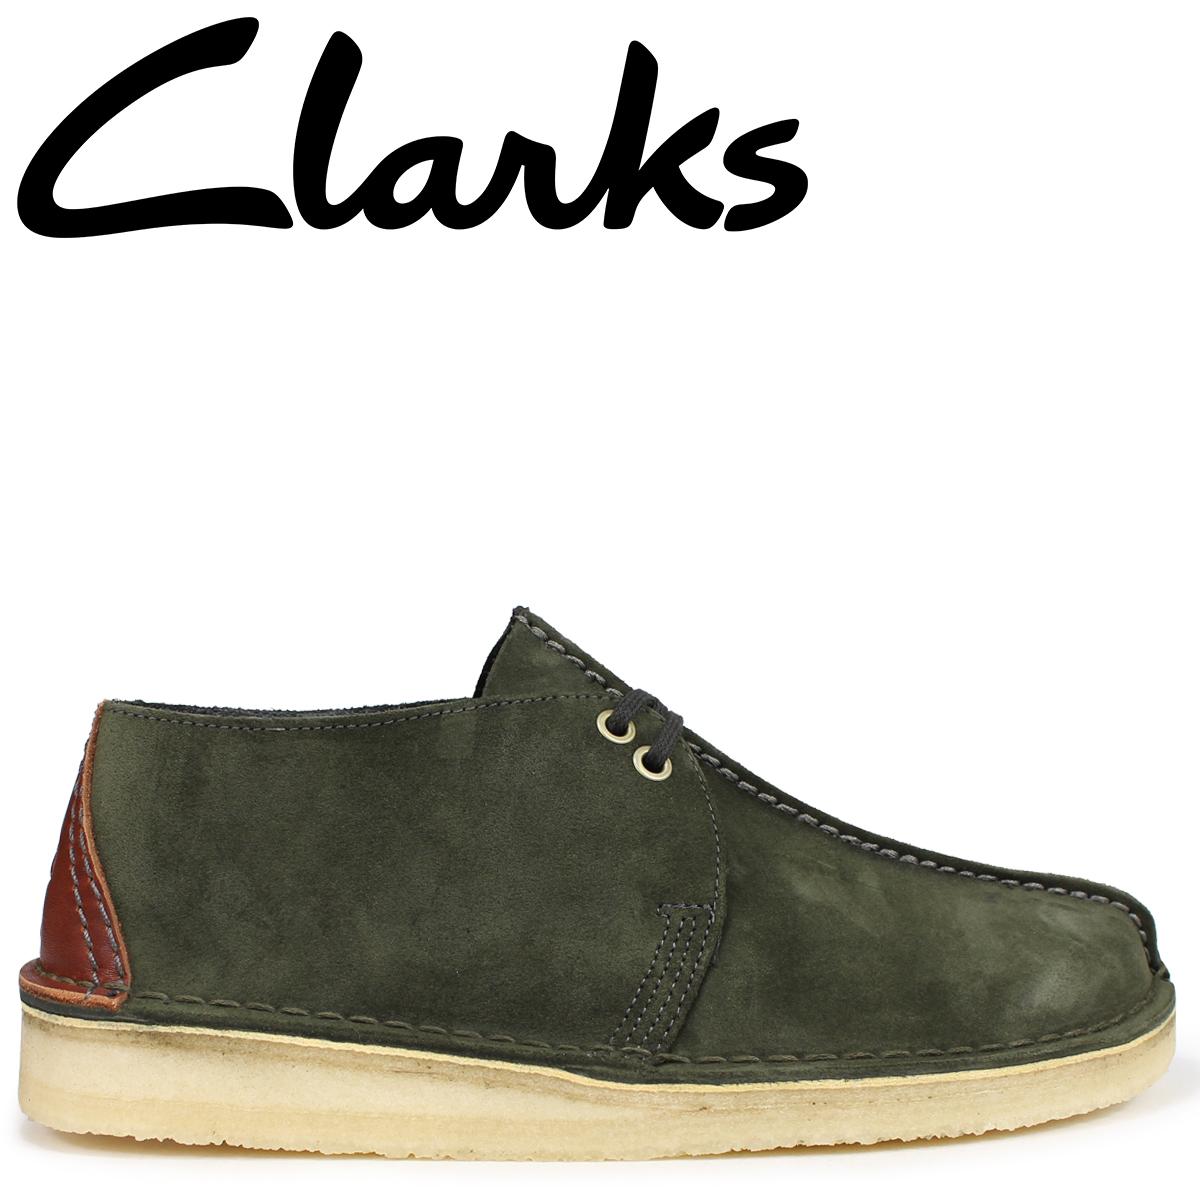 Clarks デザートトレック ブーツ メンズ クラークス DESERT TREK 26134762 ダークグリーン